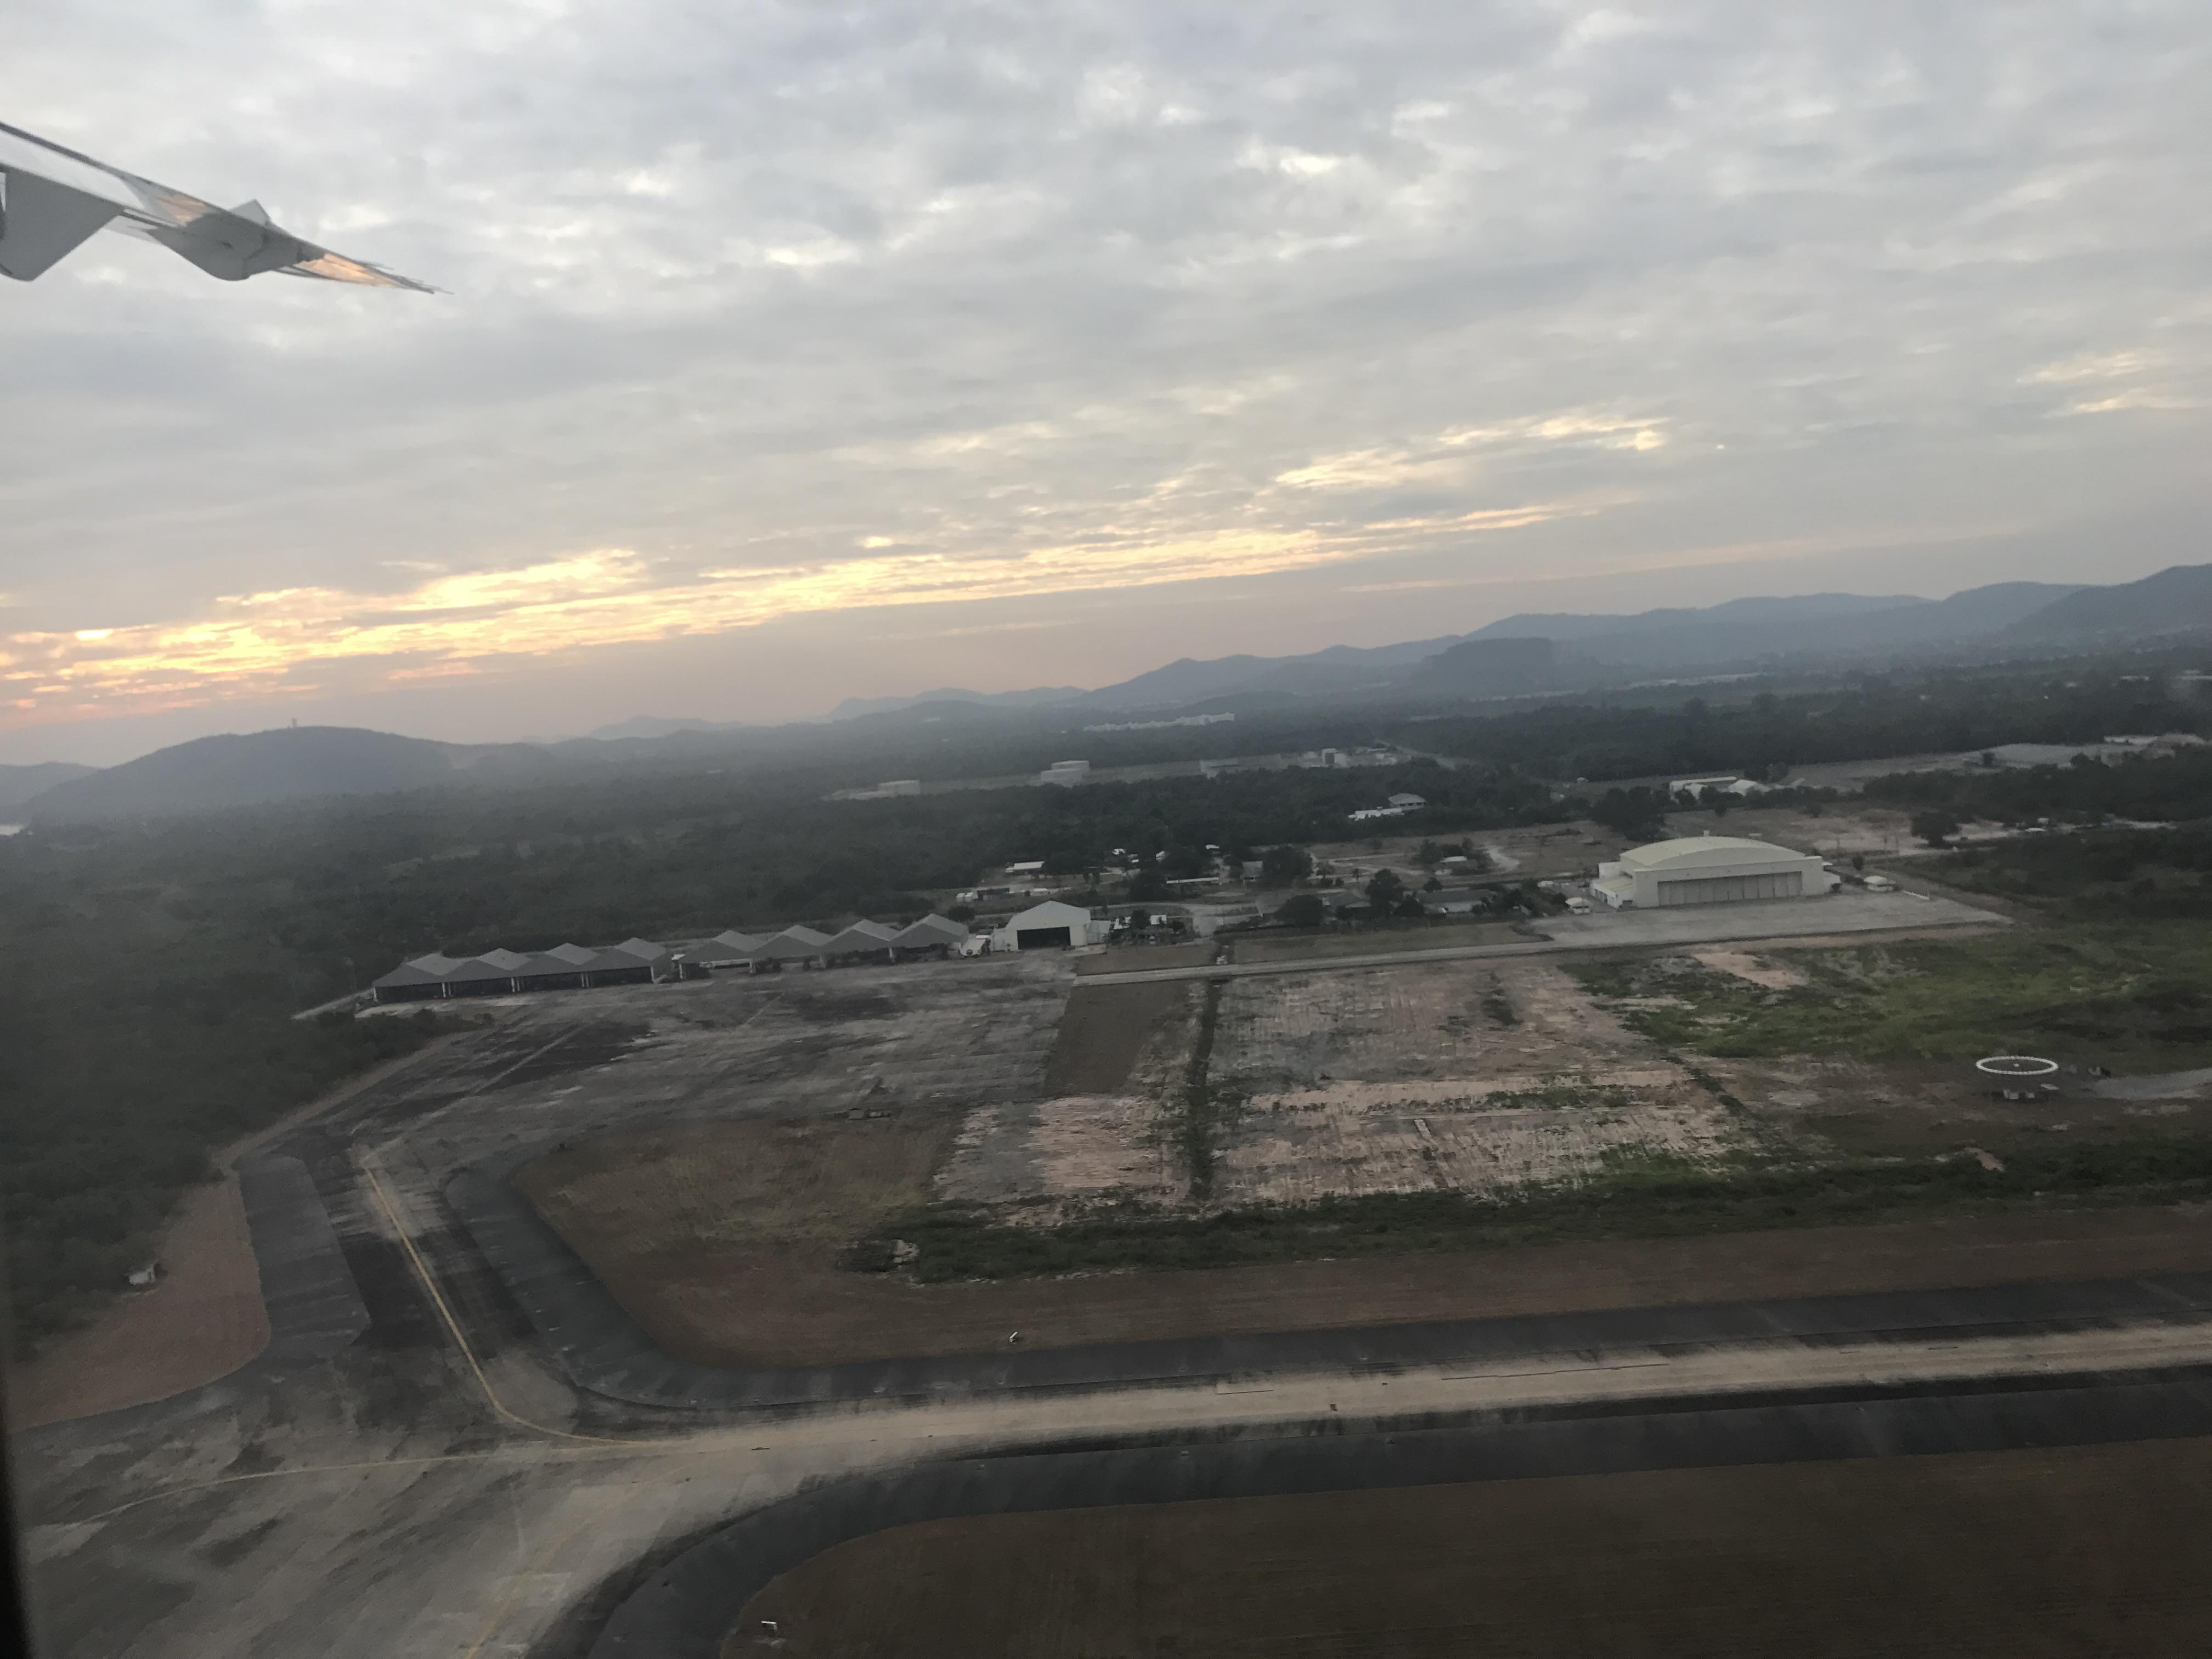 ウタパオ空港を離陸